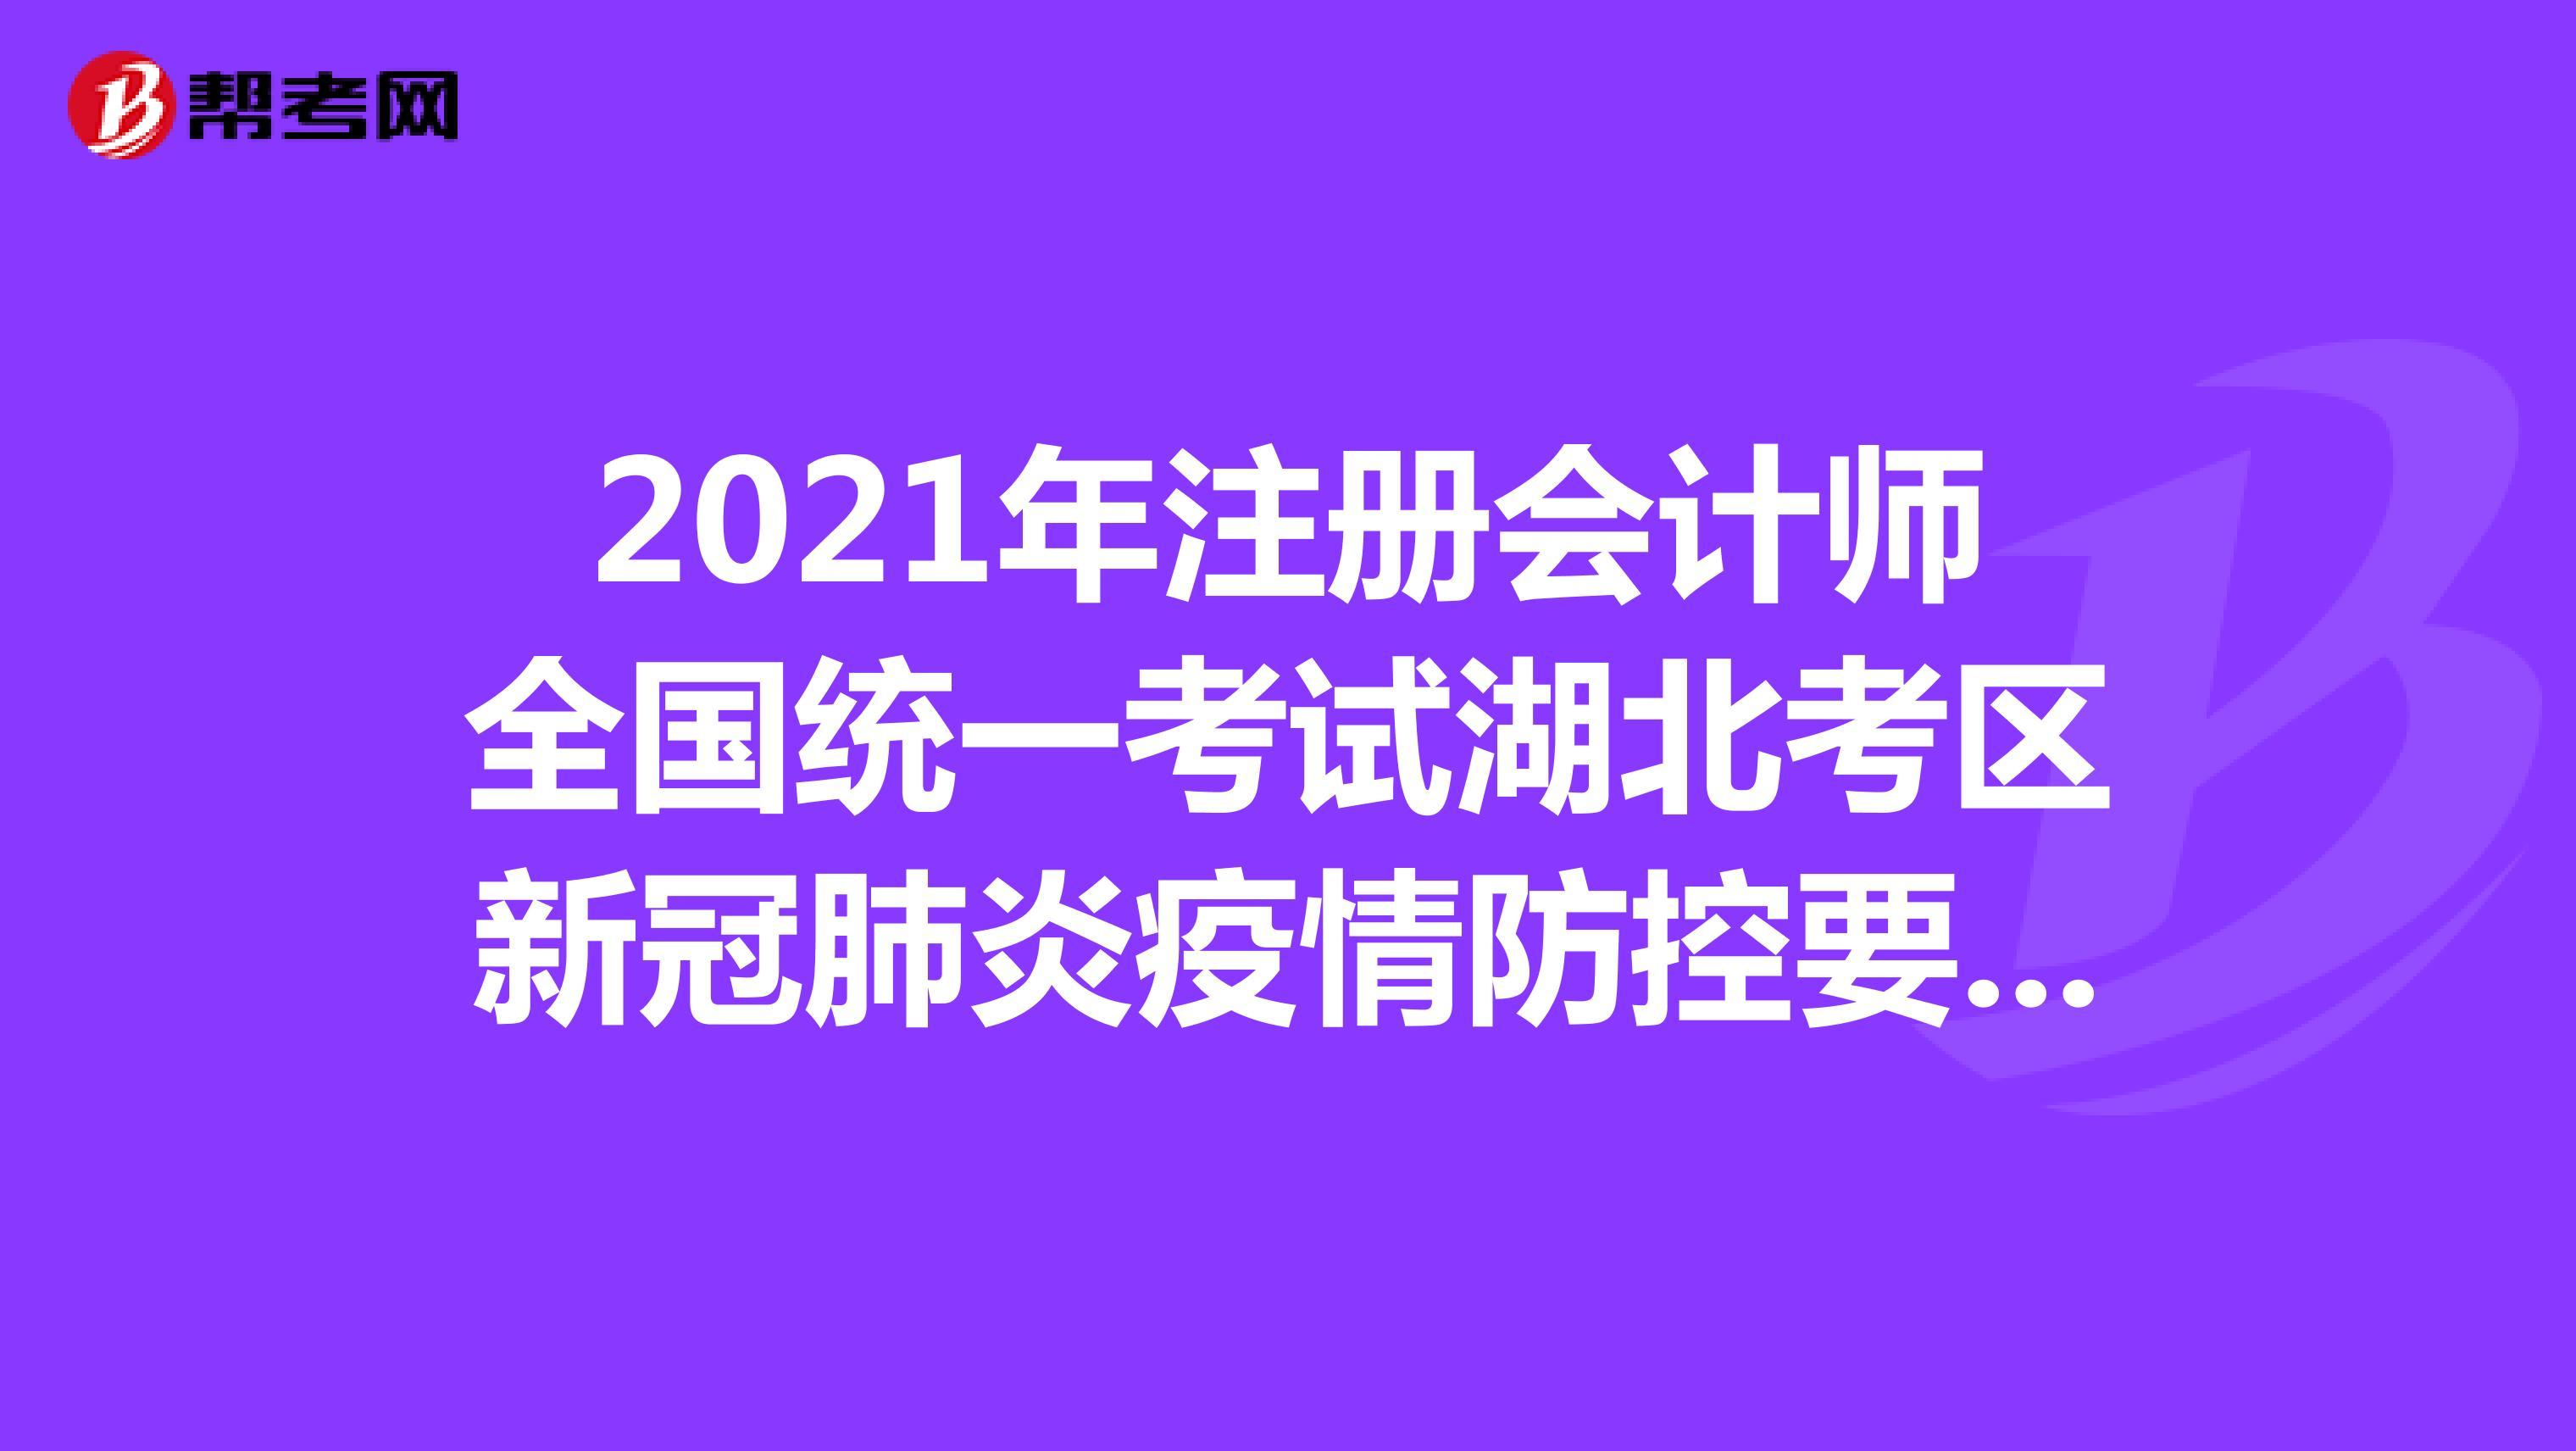 2021年注册会计师全国统一考试湖北考区新冠肺炎疫情防控要求考生告知书